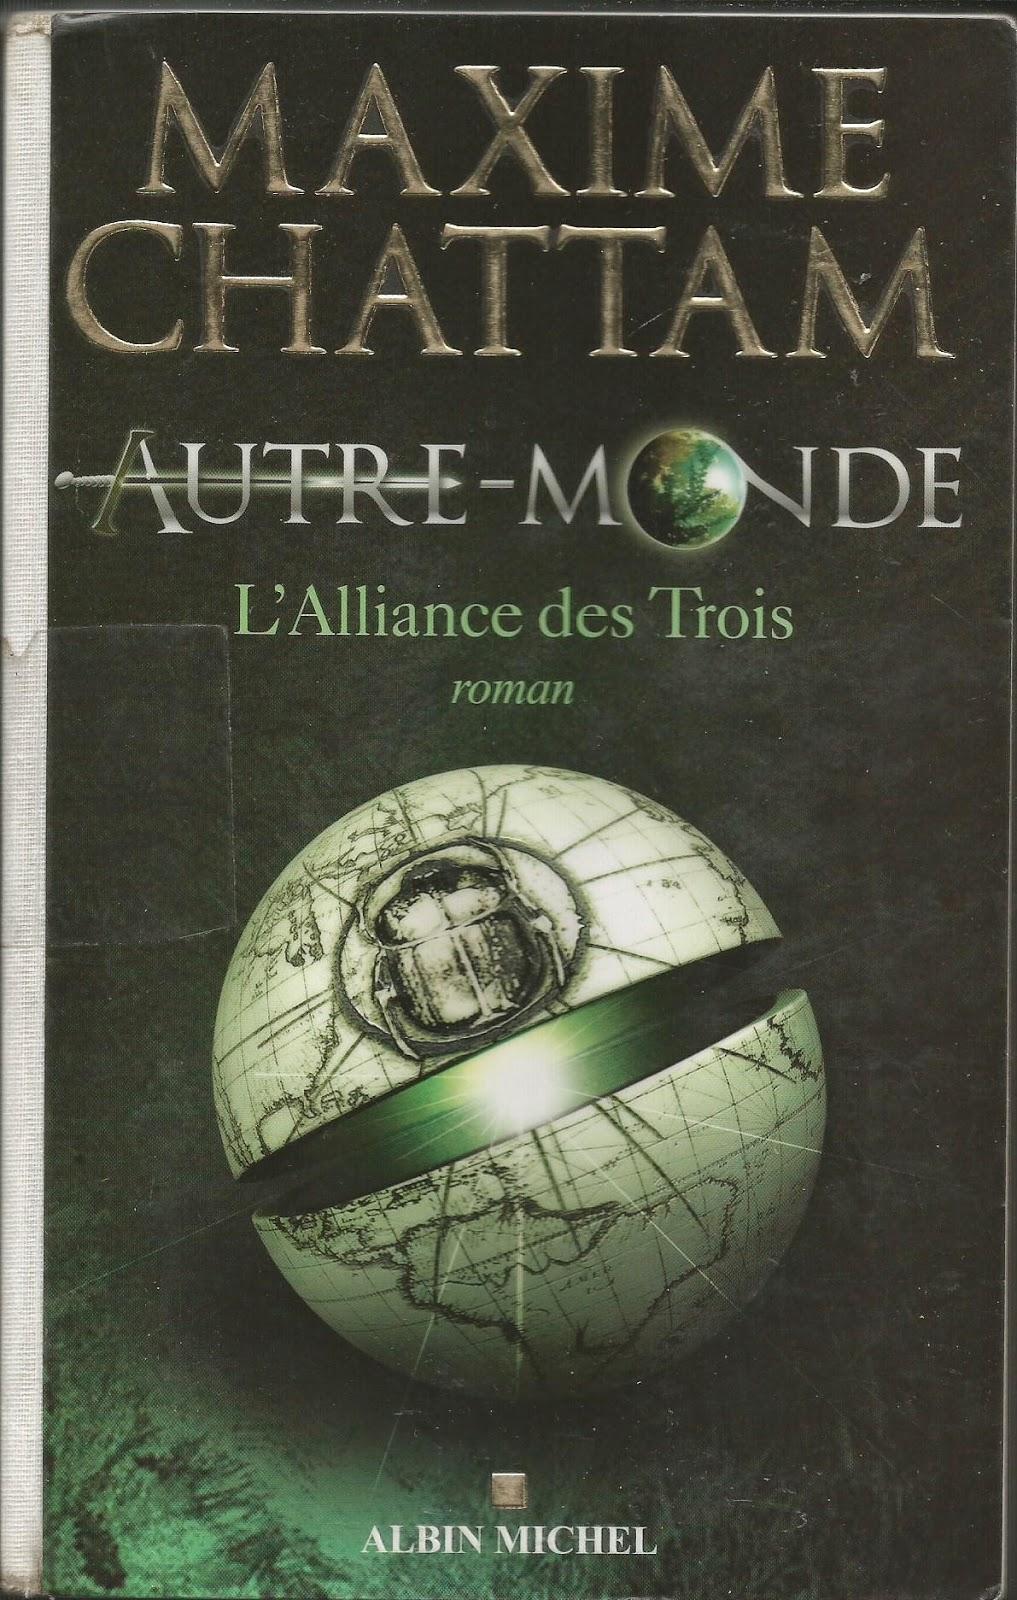 Autre Monde le mieux écrit Maxime Chattam Les Mondes de Cassandre